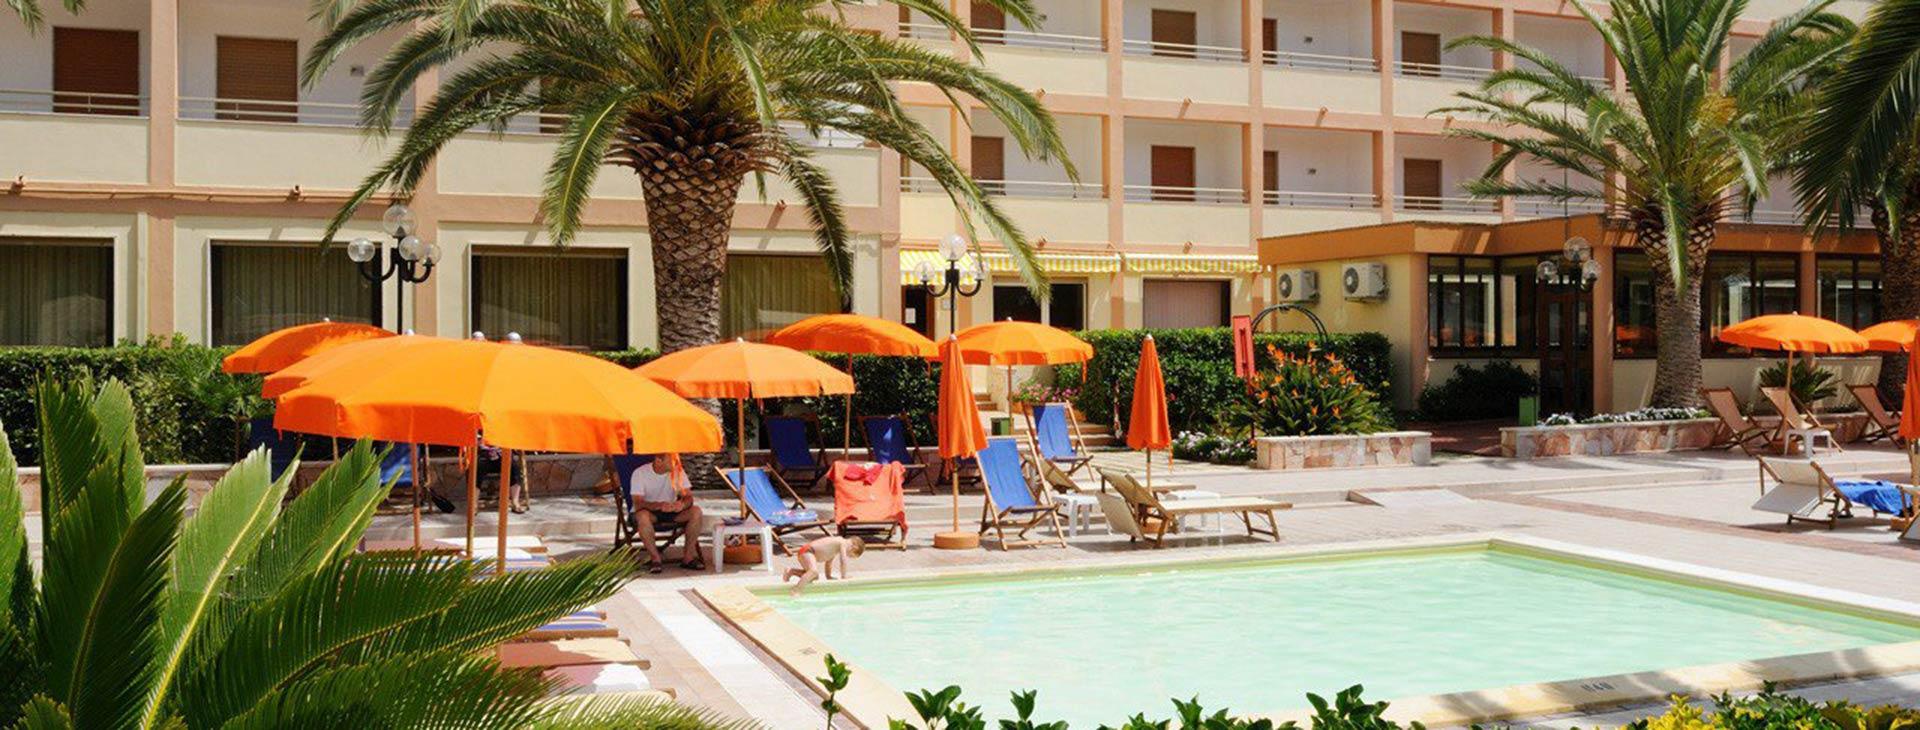 Oasis Alghero Włochy Sardynia